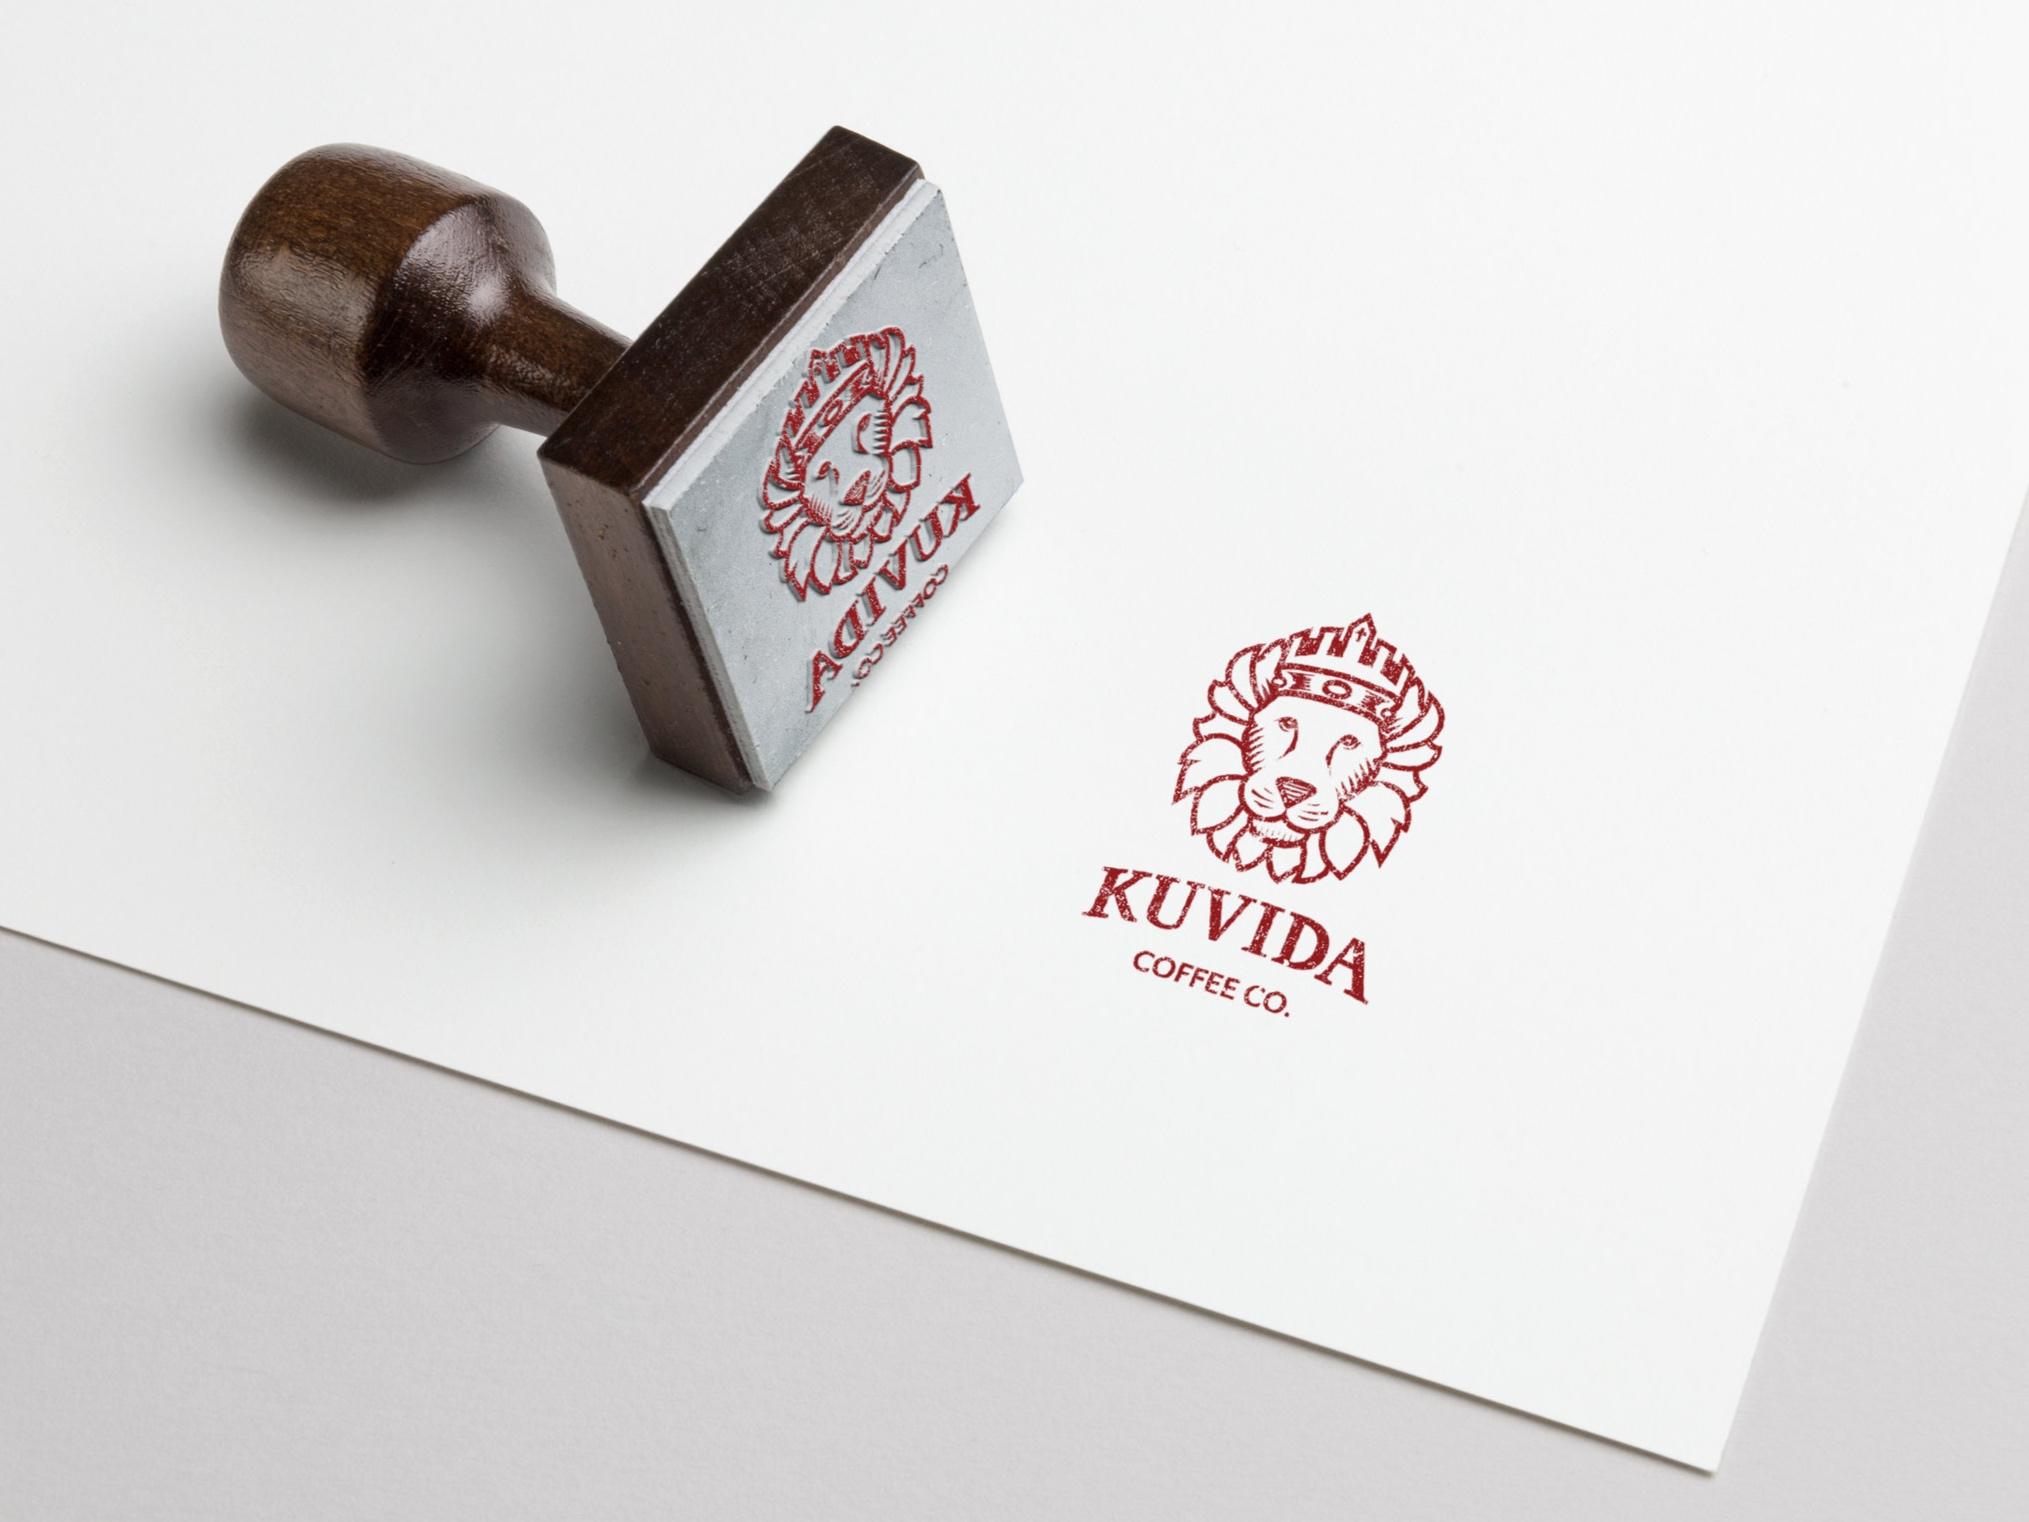 Kuvida-Stamp.jpg